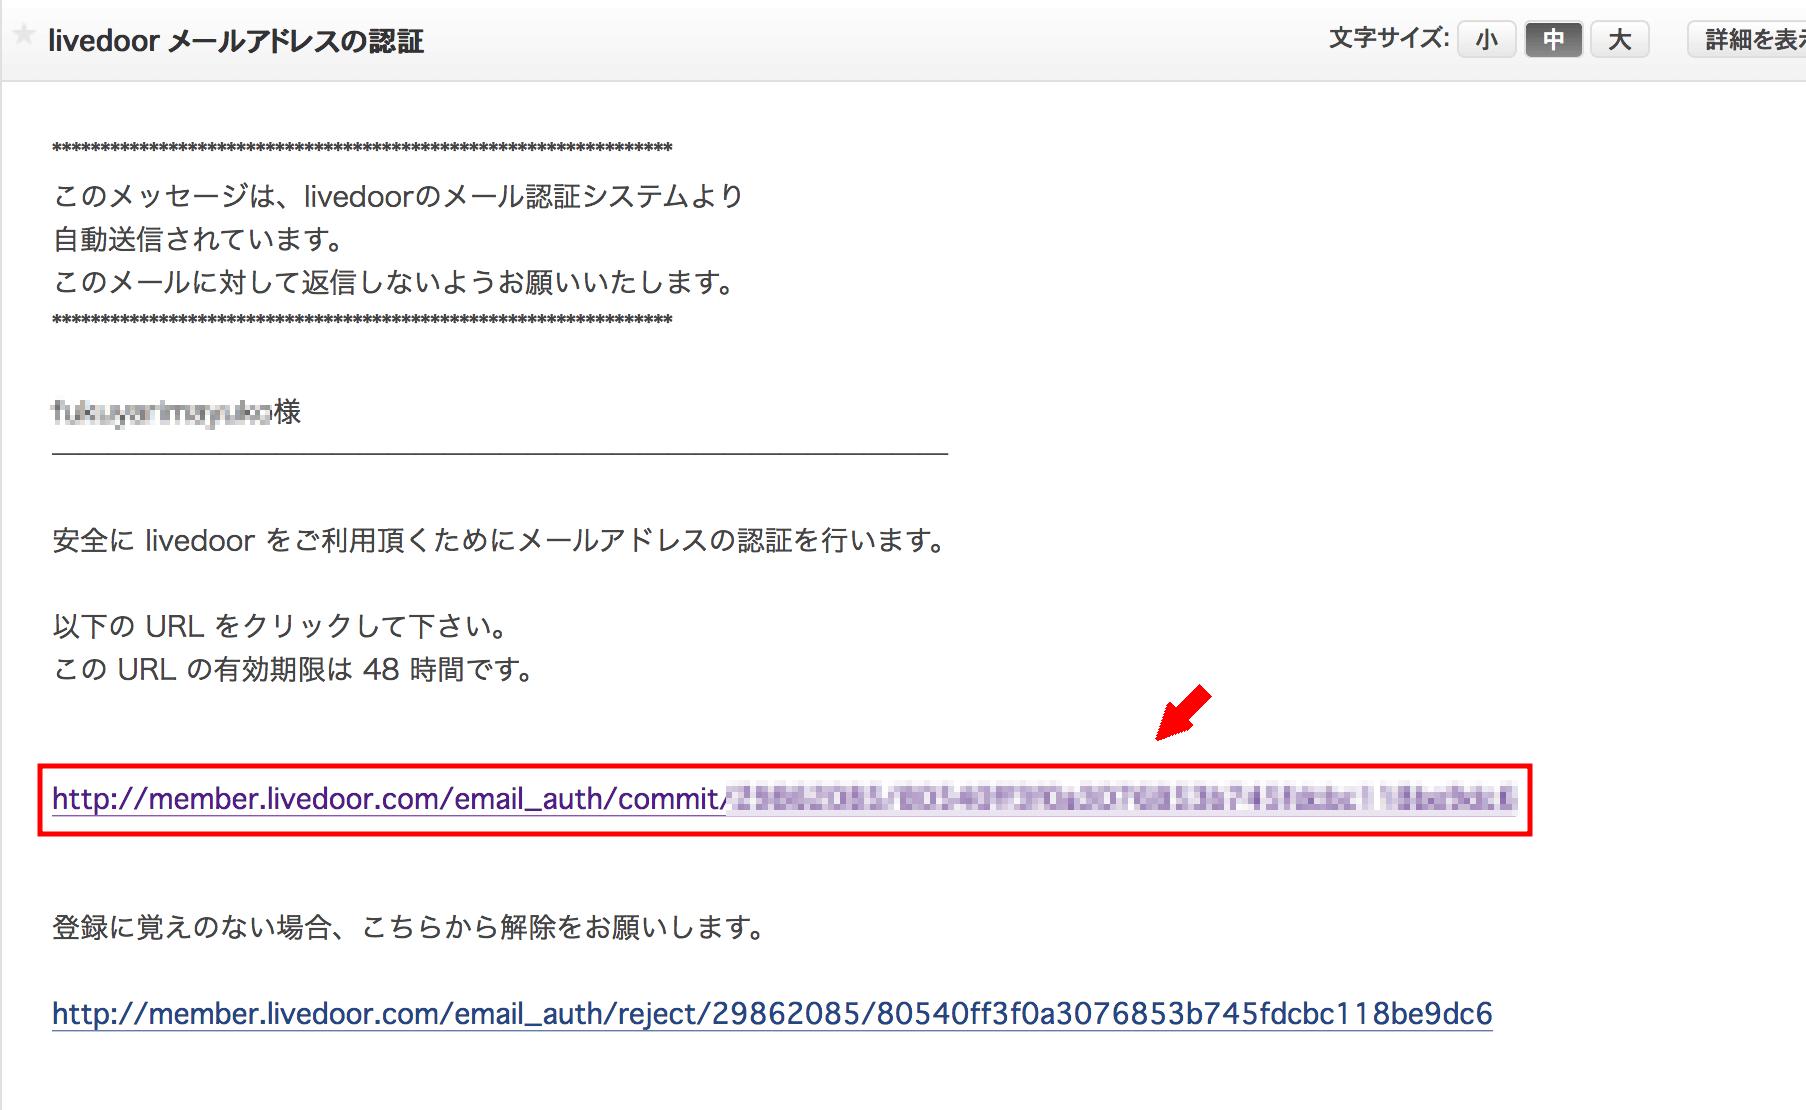 ライブドアブログの登録の仕方3(5)